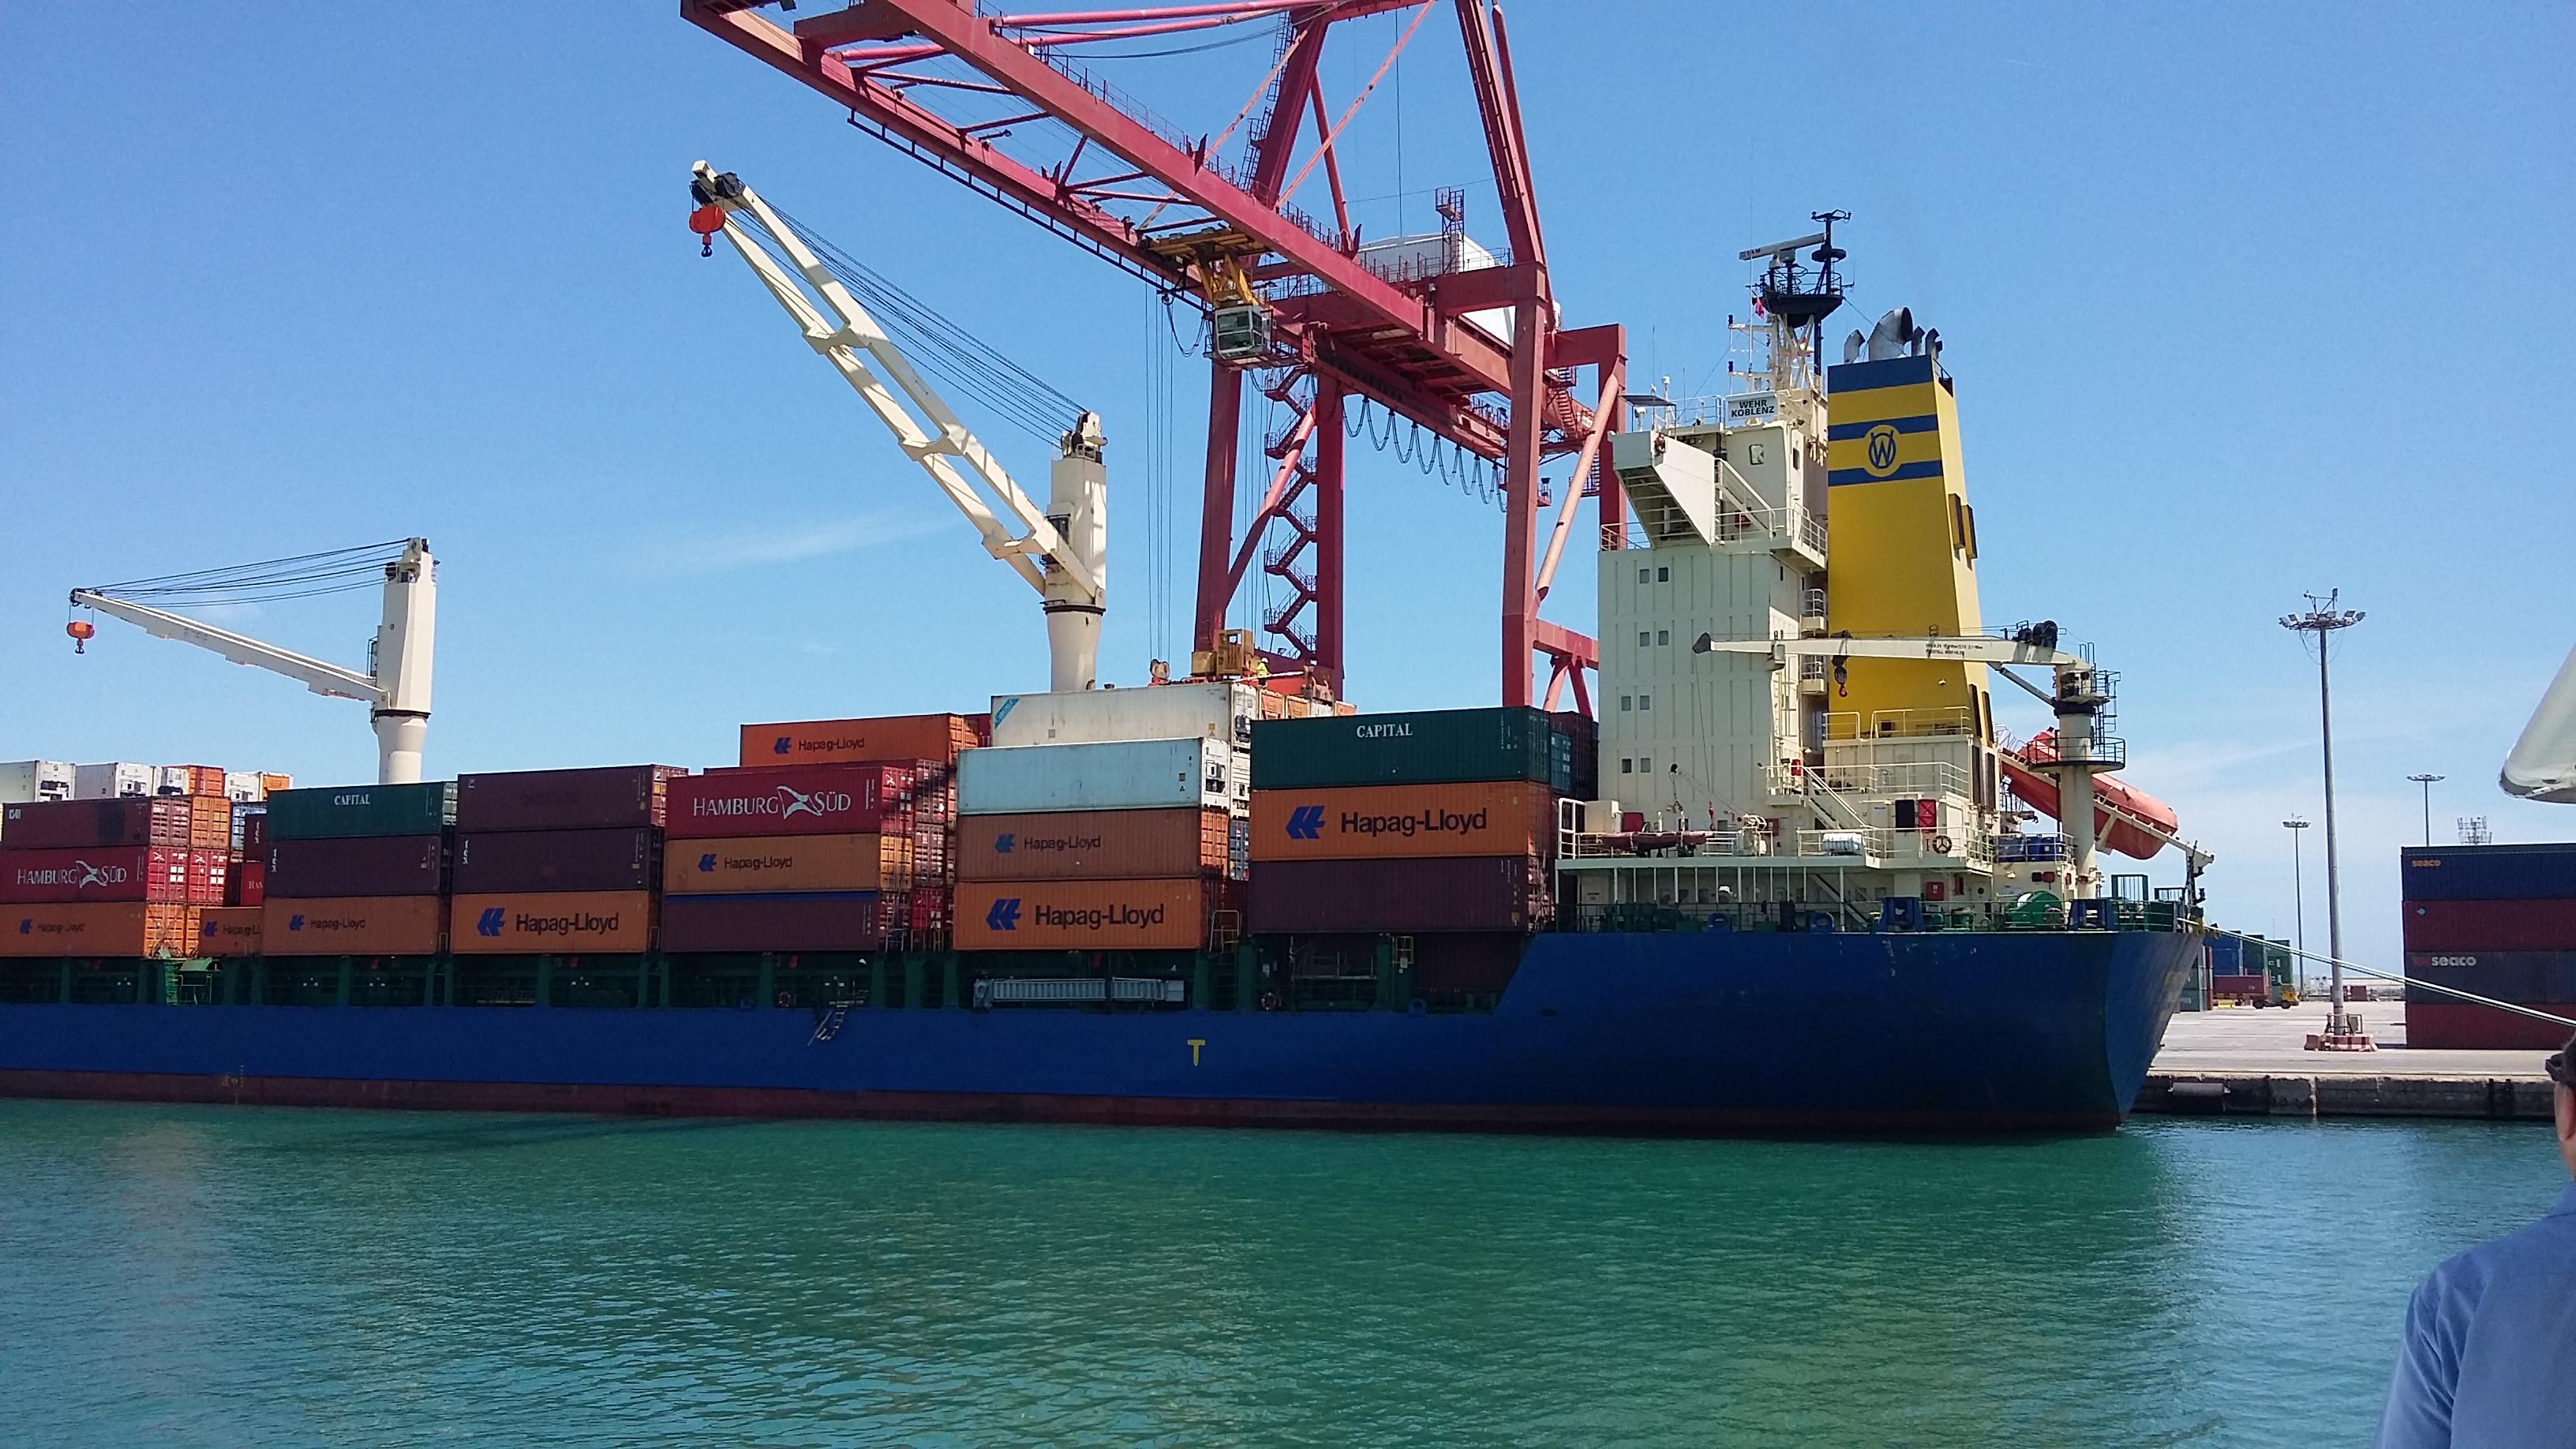 Visita a puerto de valencia - Laydown puerto valencia ...